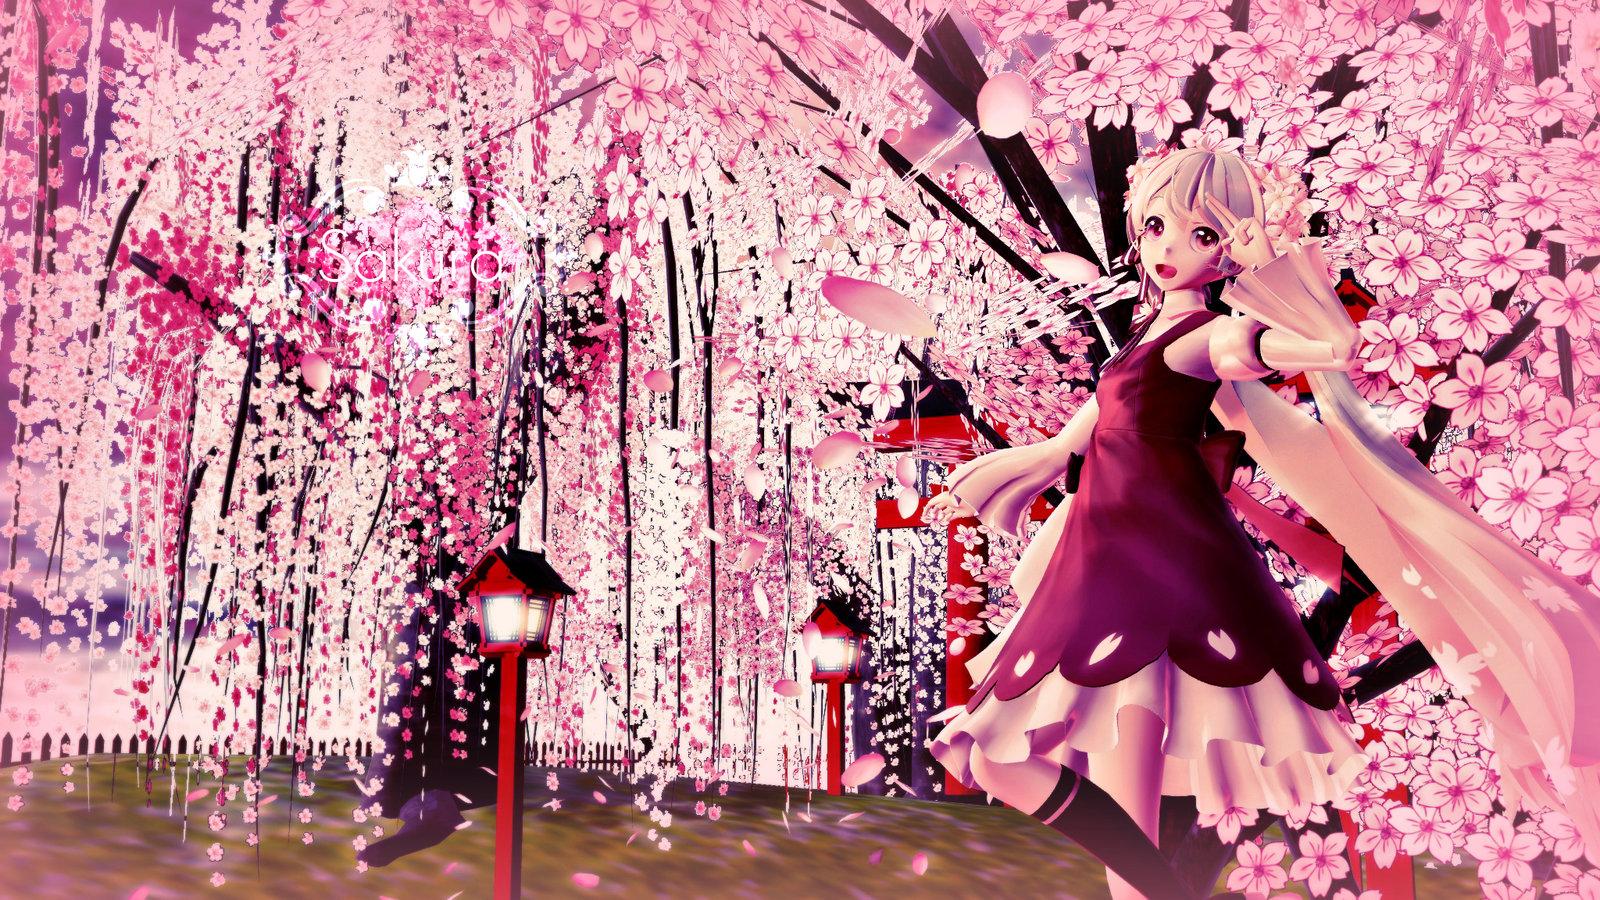 Sakura Wallpaper Hd Wallpapersafari